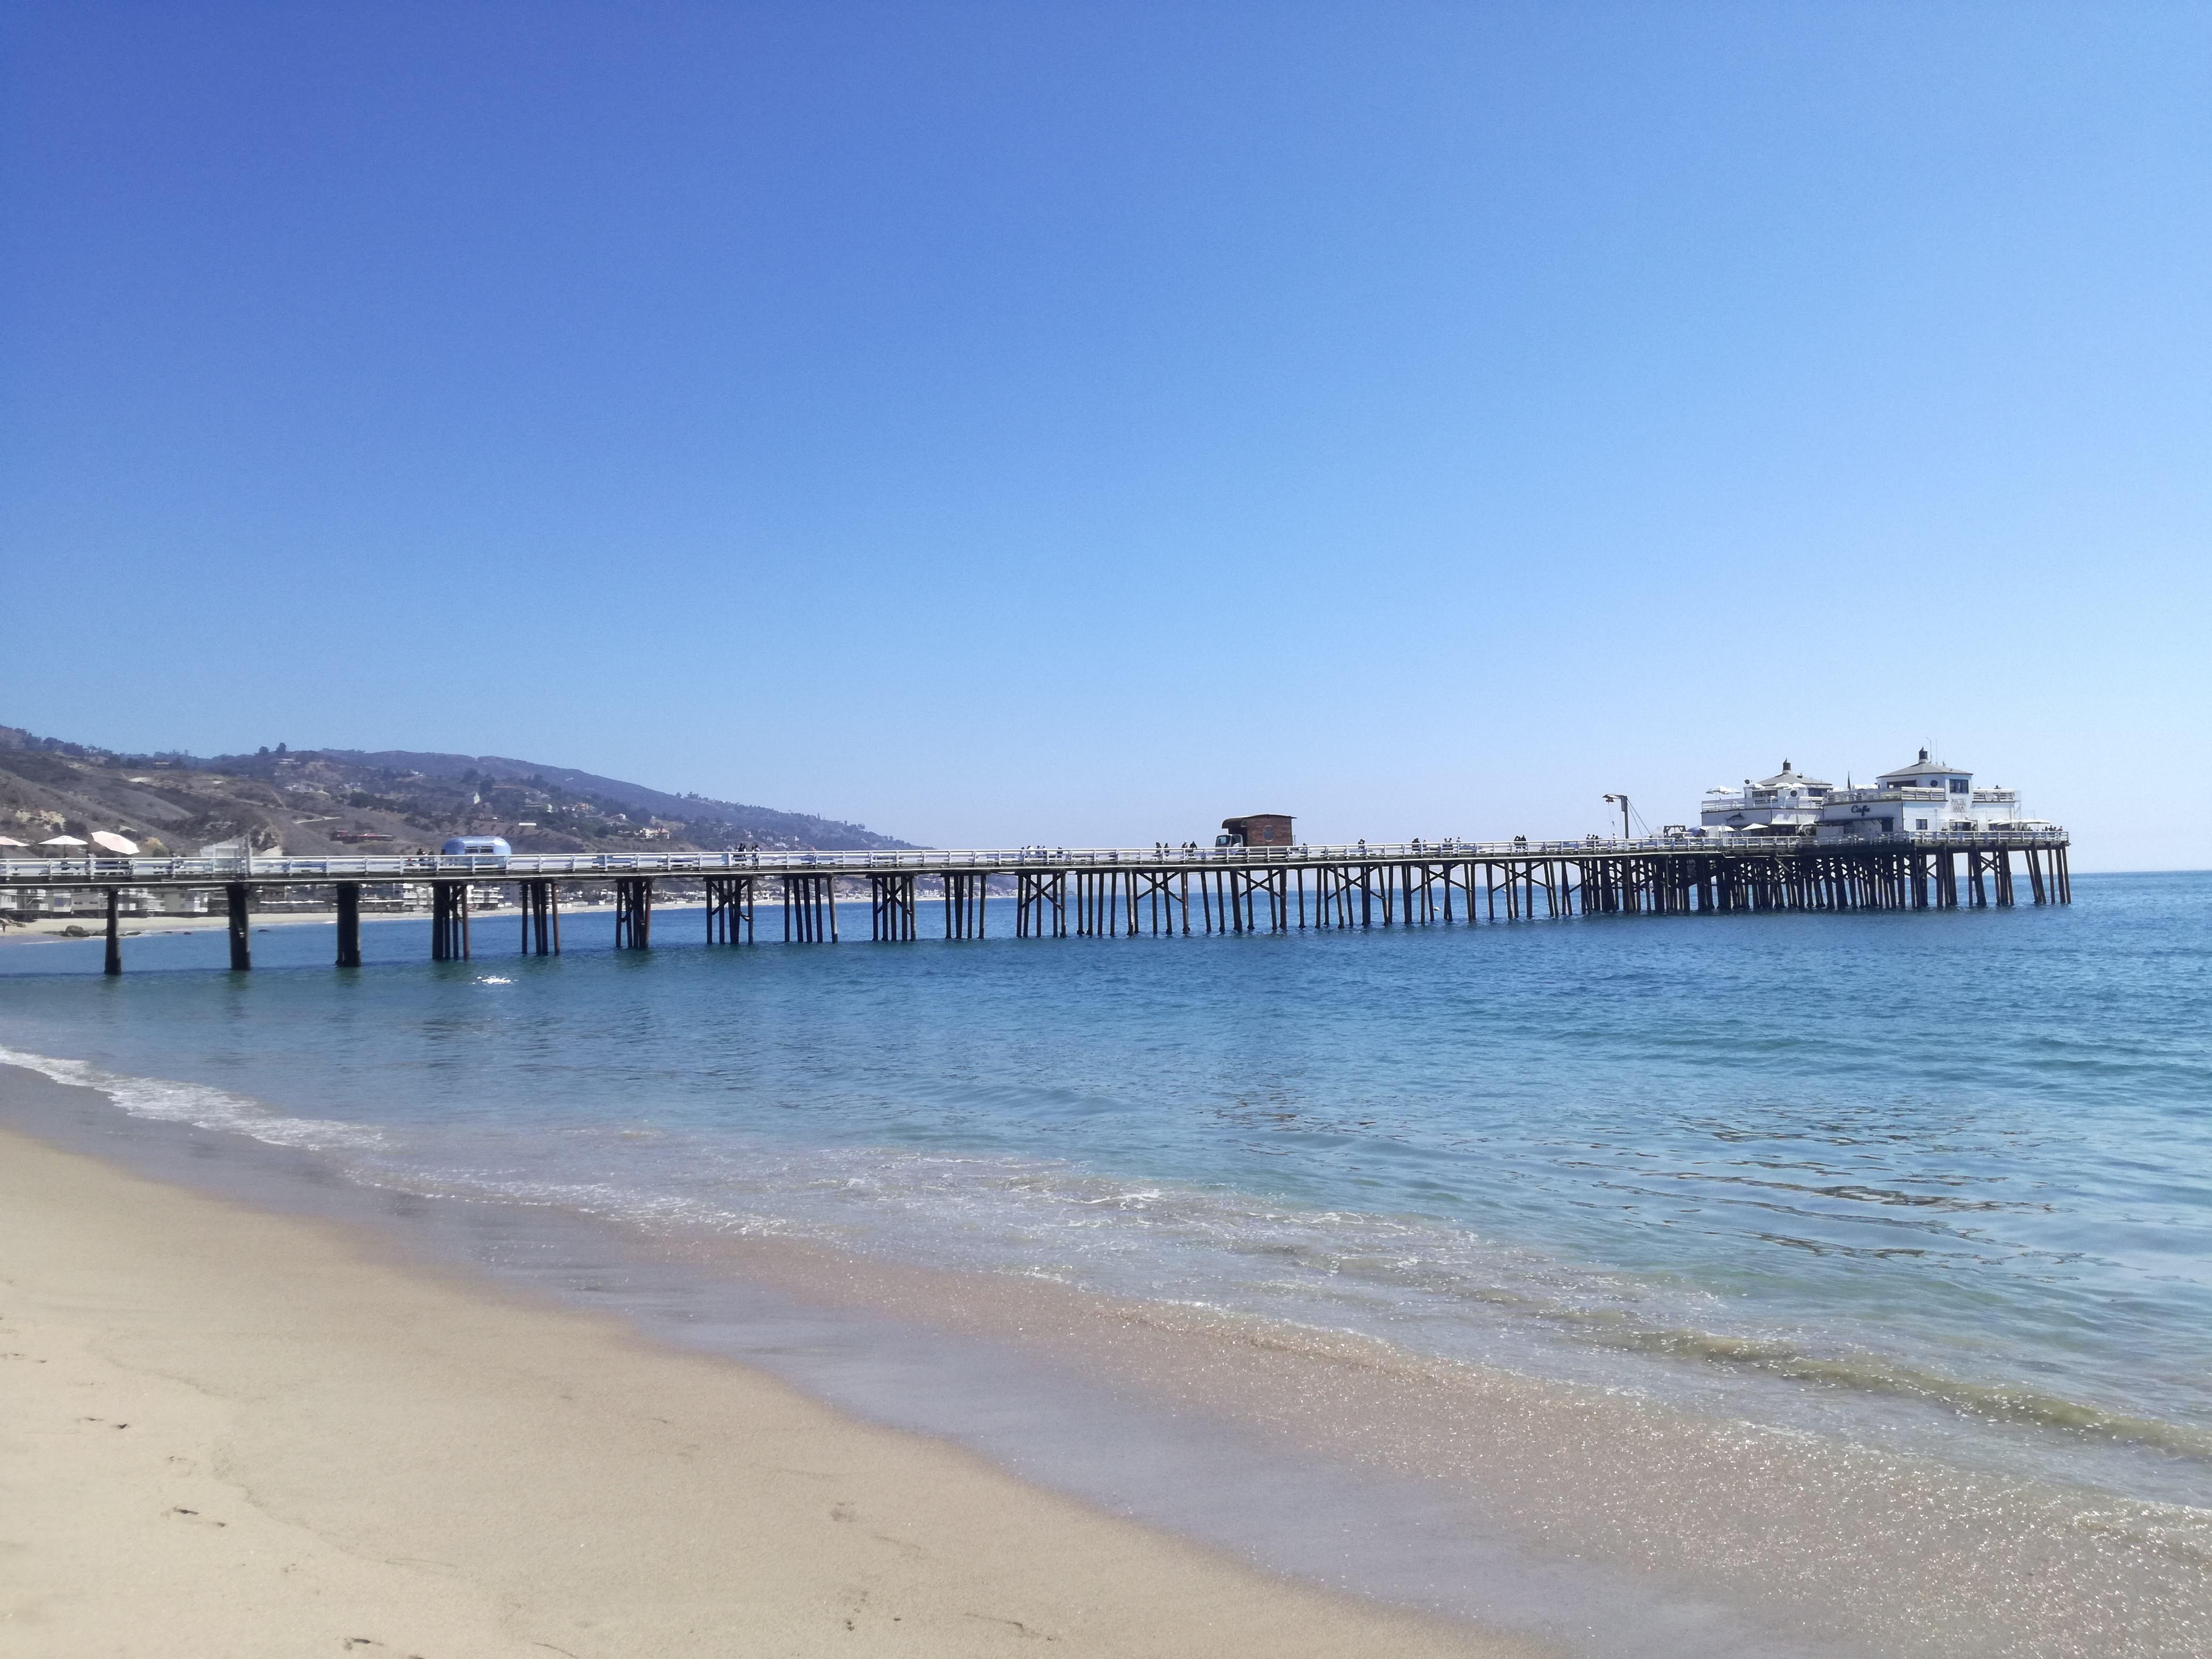 Lunga velocità di appuntamenti sulla spiaggia